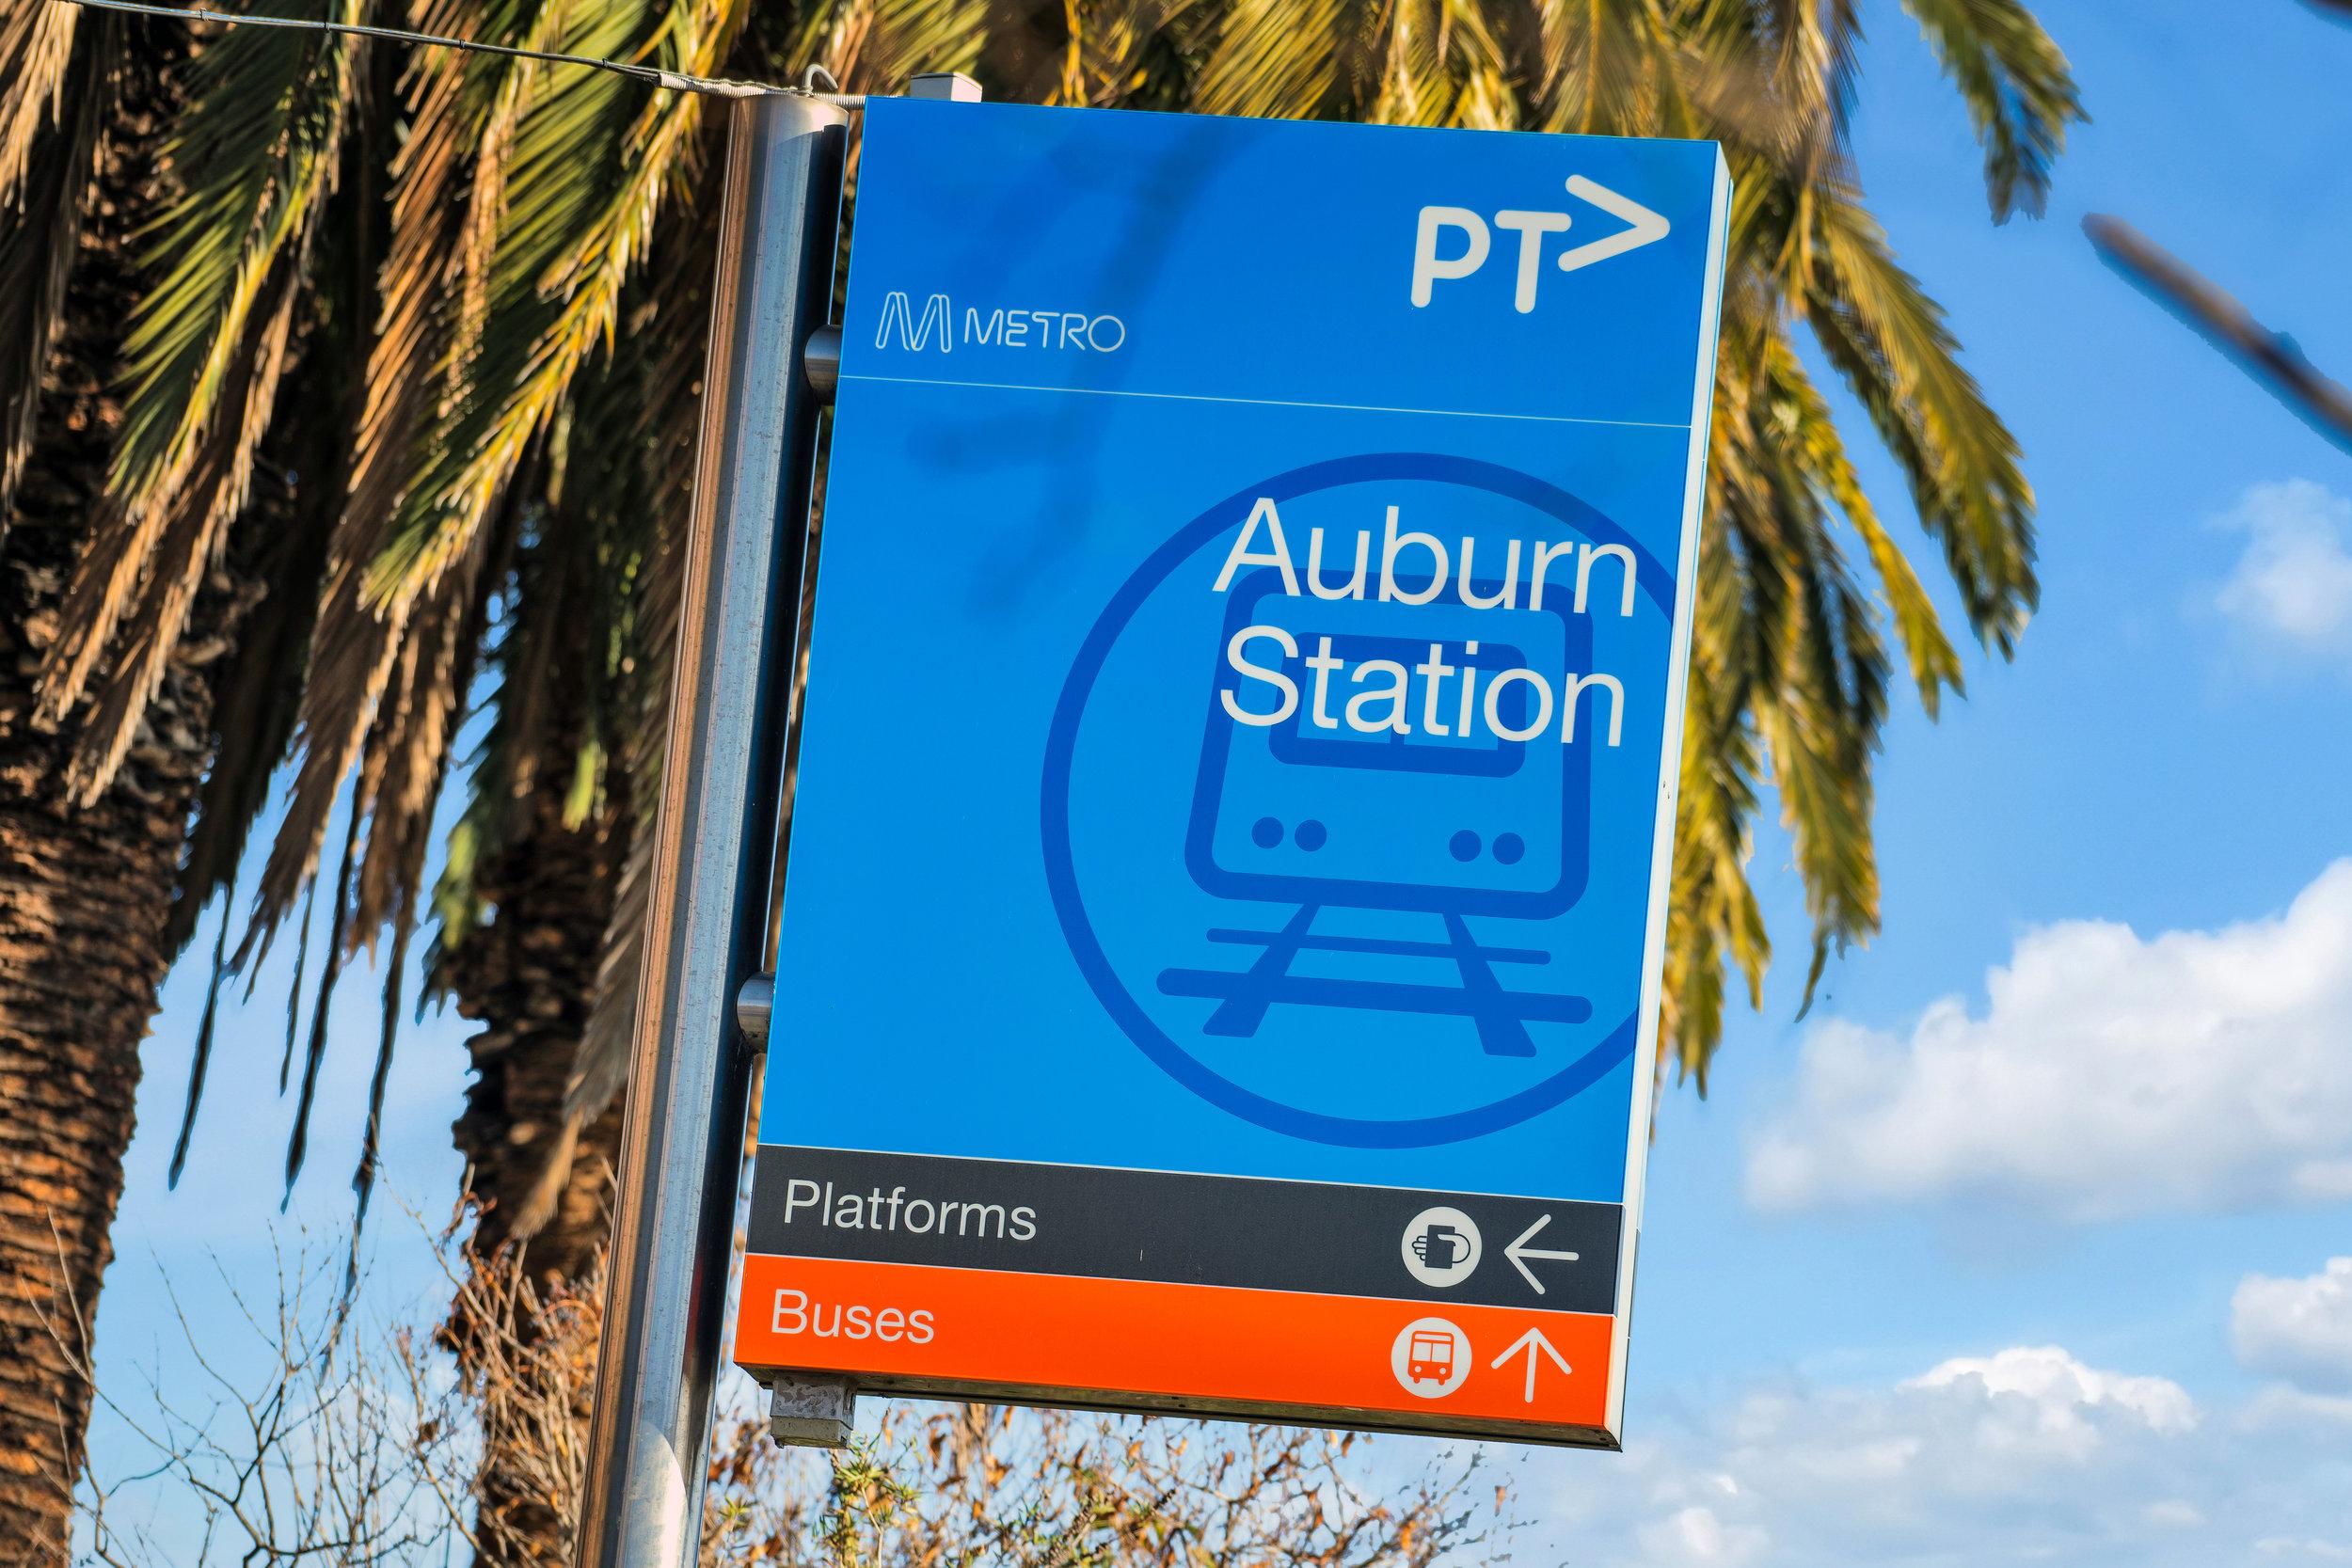 8 100m from Aurbun Station.jpg